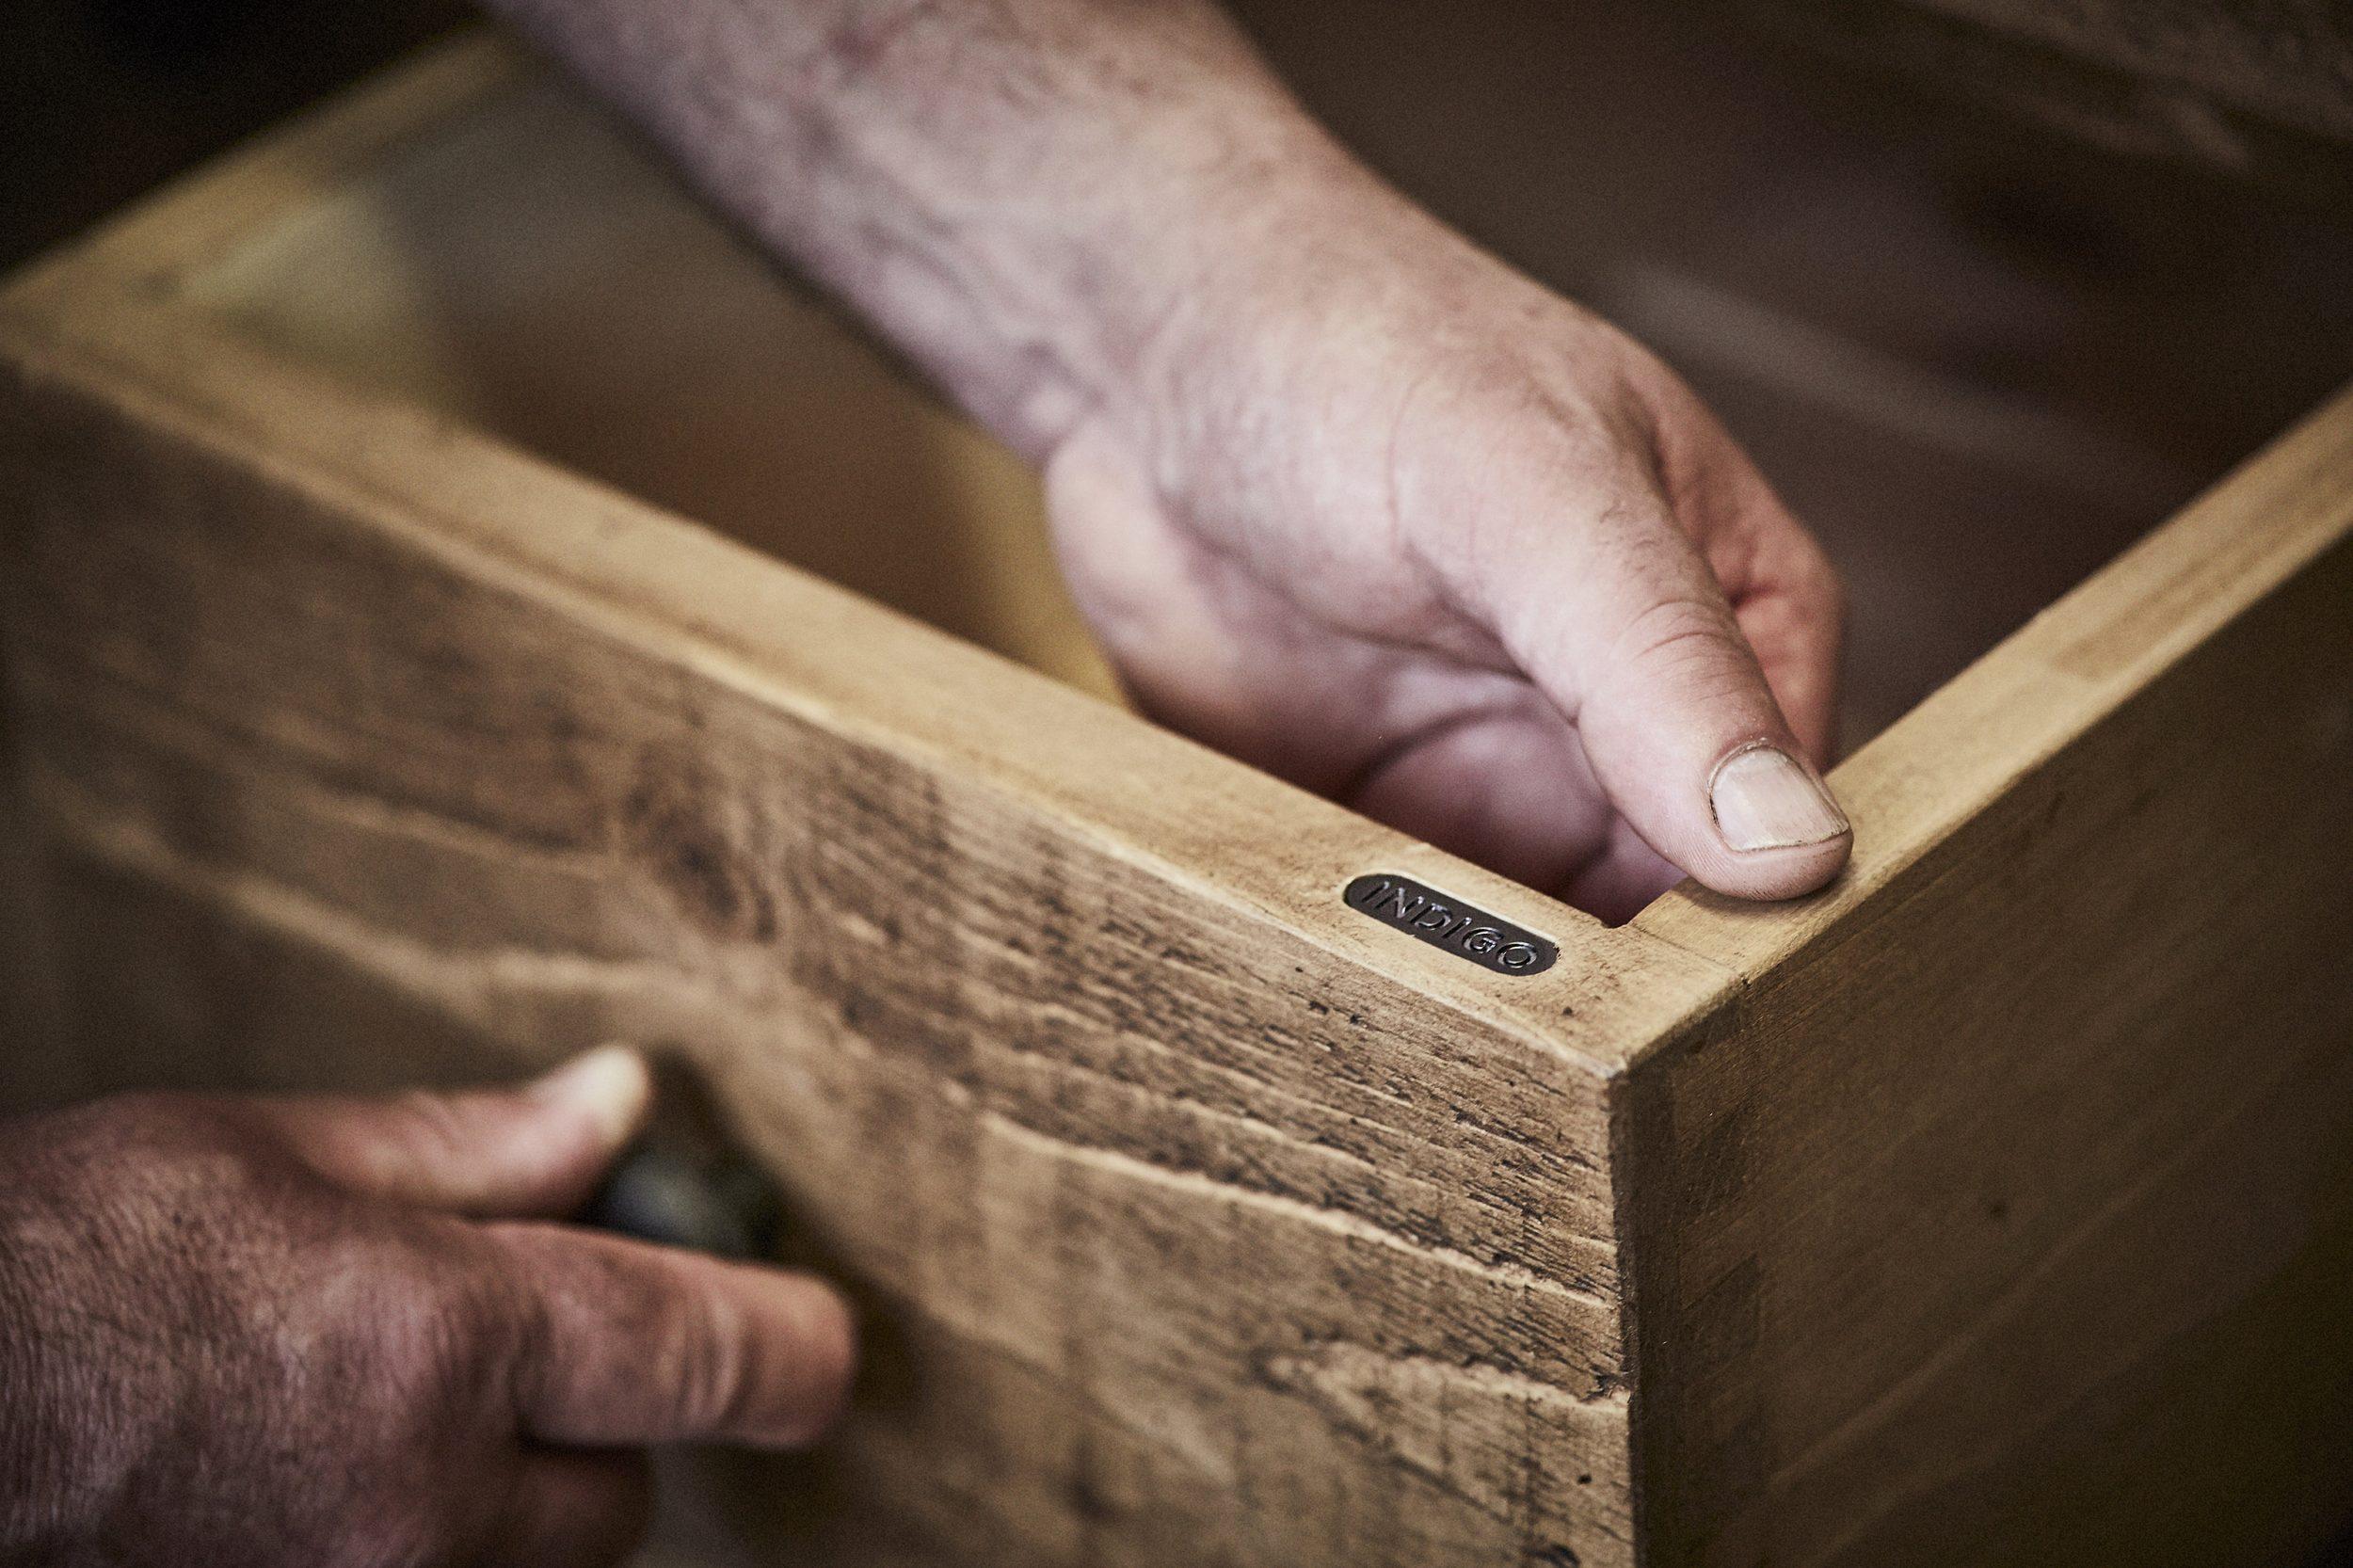 Indigo finishing touches to drawers